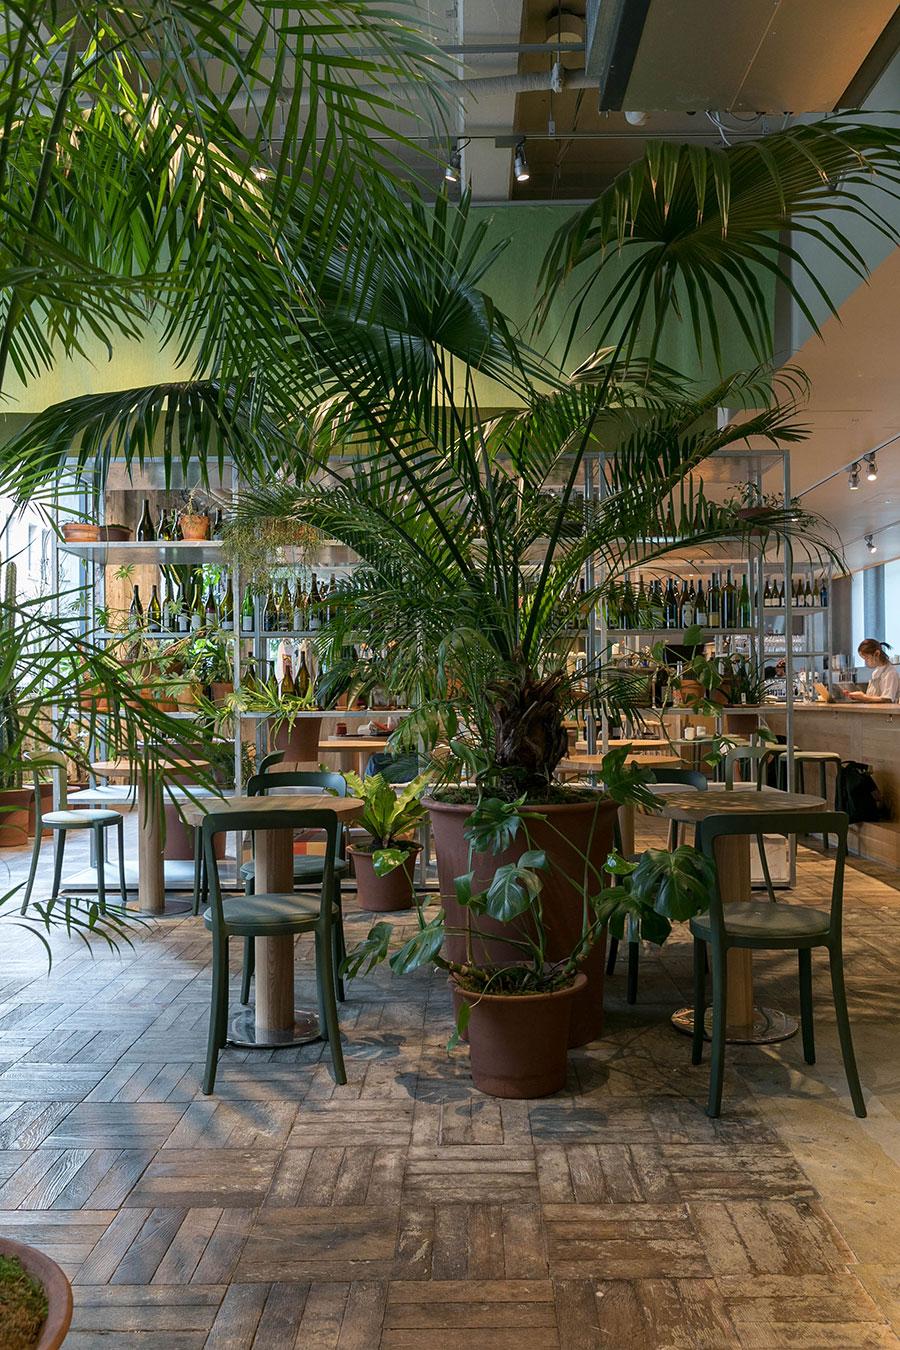 コーヒーショップのエントランスを入って真っ先に出迎えてくれるグリーン。「インパクト重視で葉が大きく広がる植物を選びました」。ビロウヤシの足元はモンステラ。